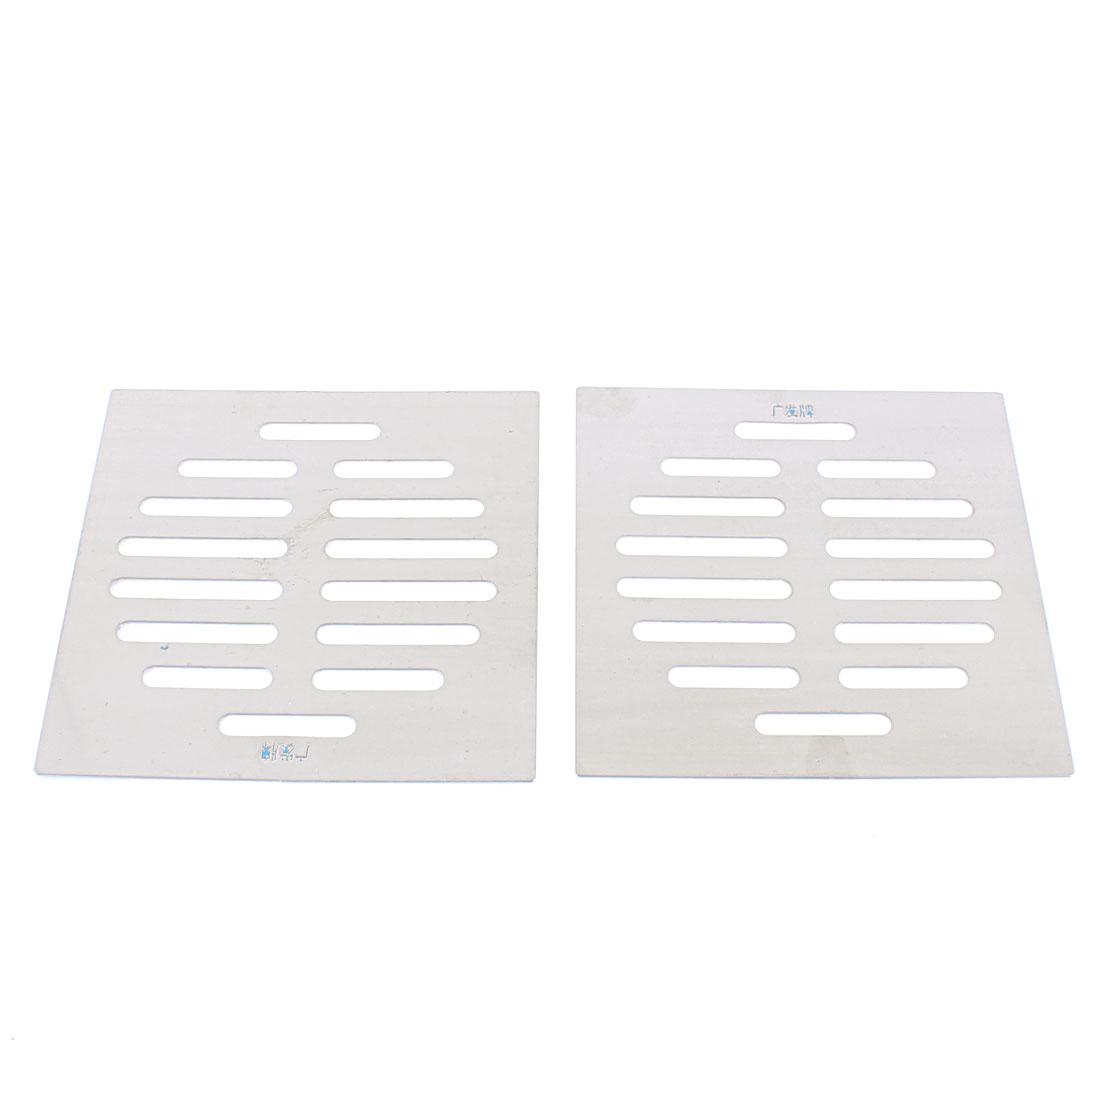 Kitchen Bathroom Square Floor Drain Drainer Cover 12.5cm x 12.5cm 2Pcs